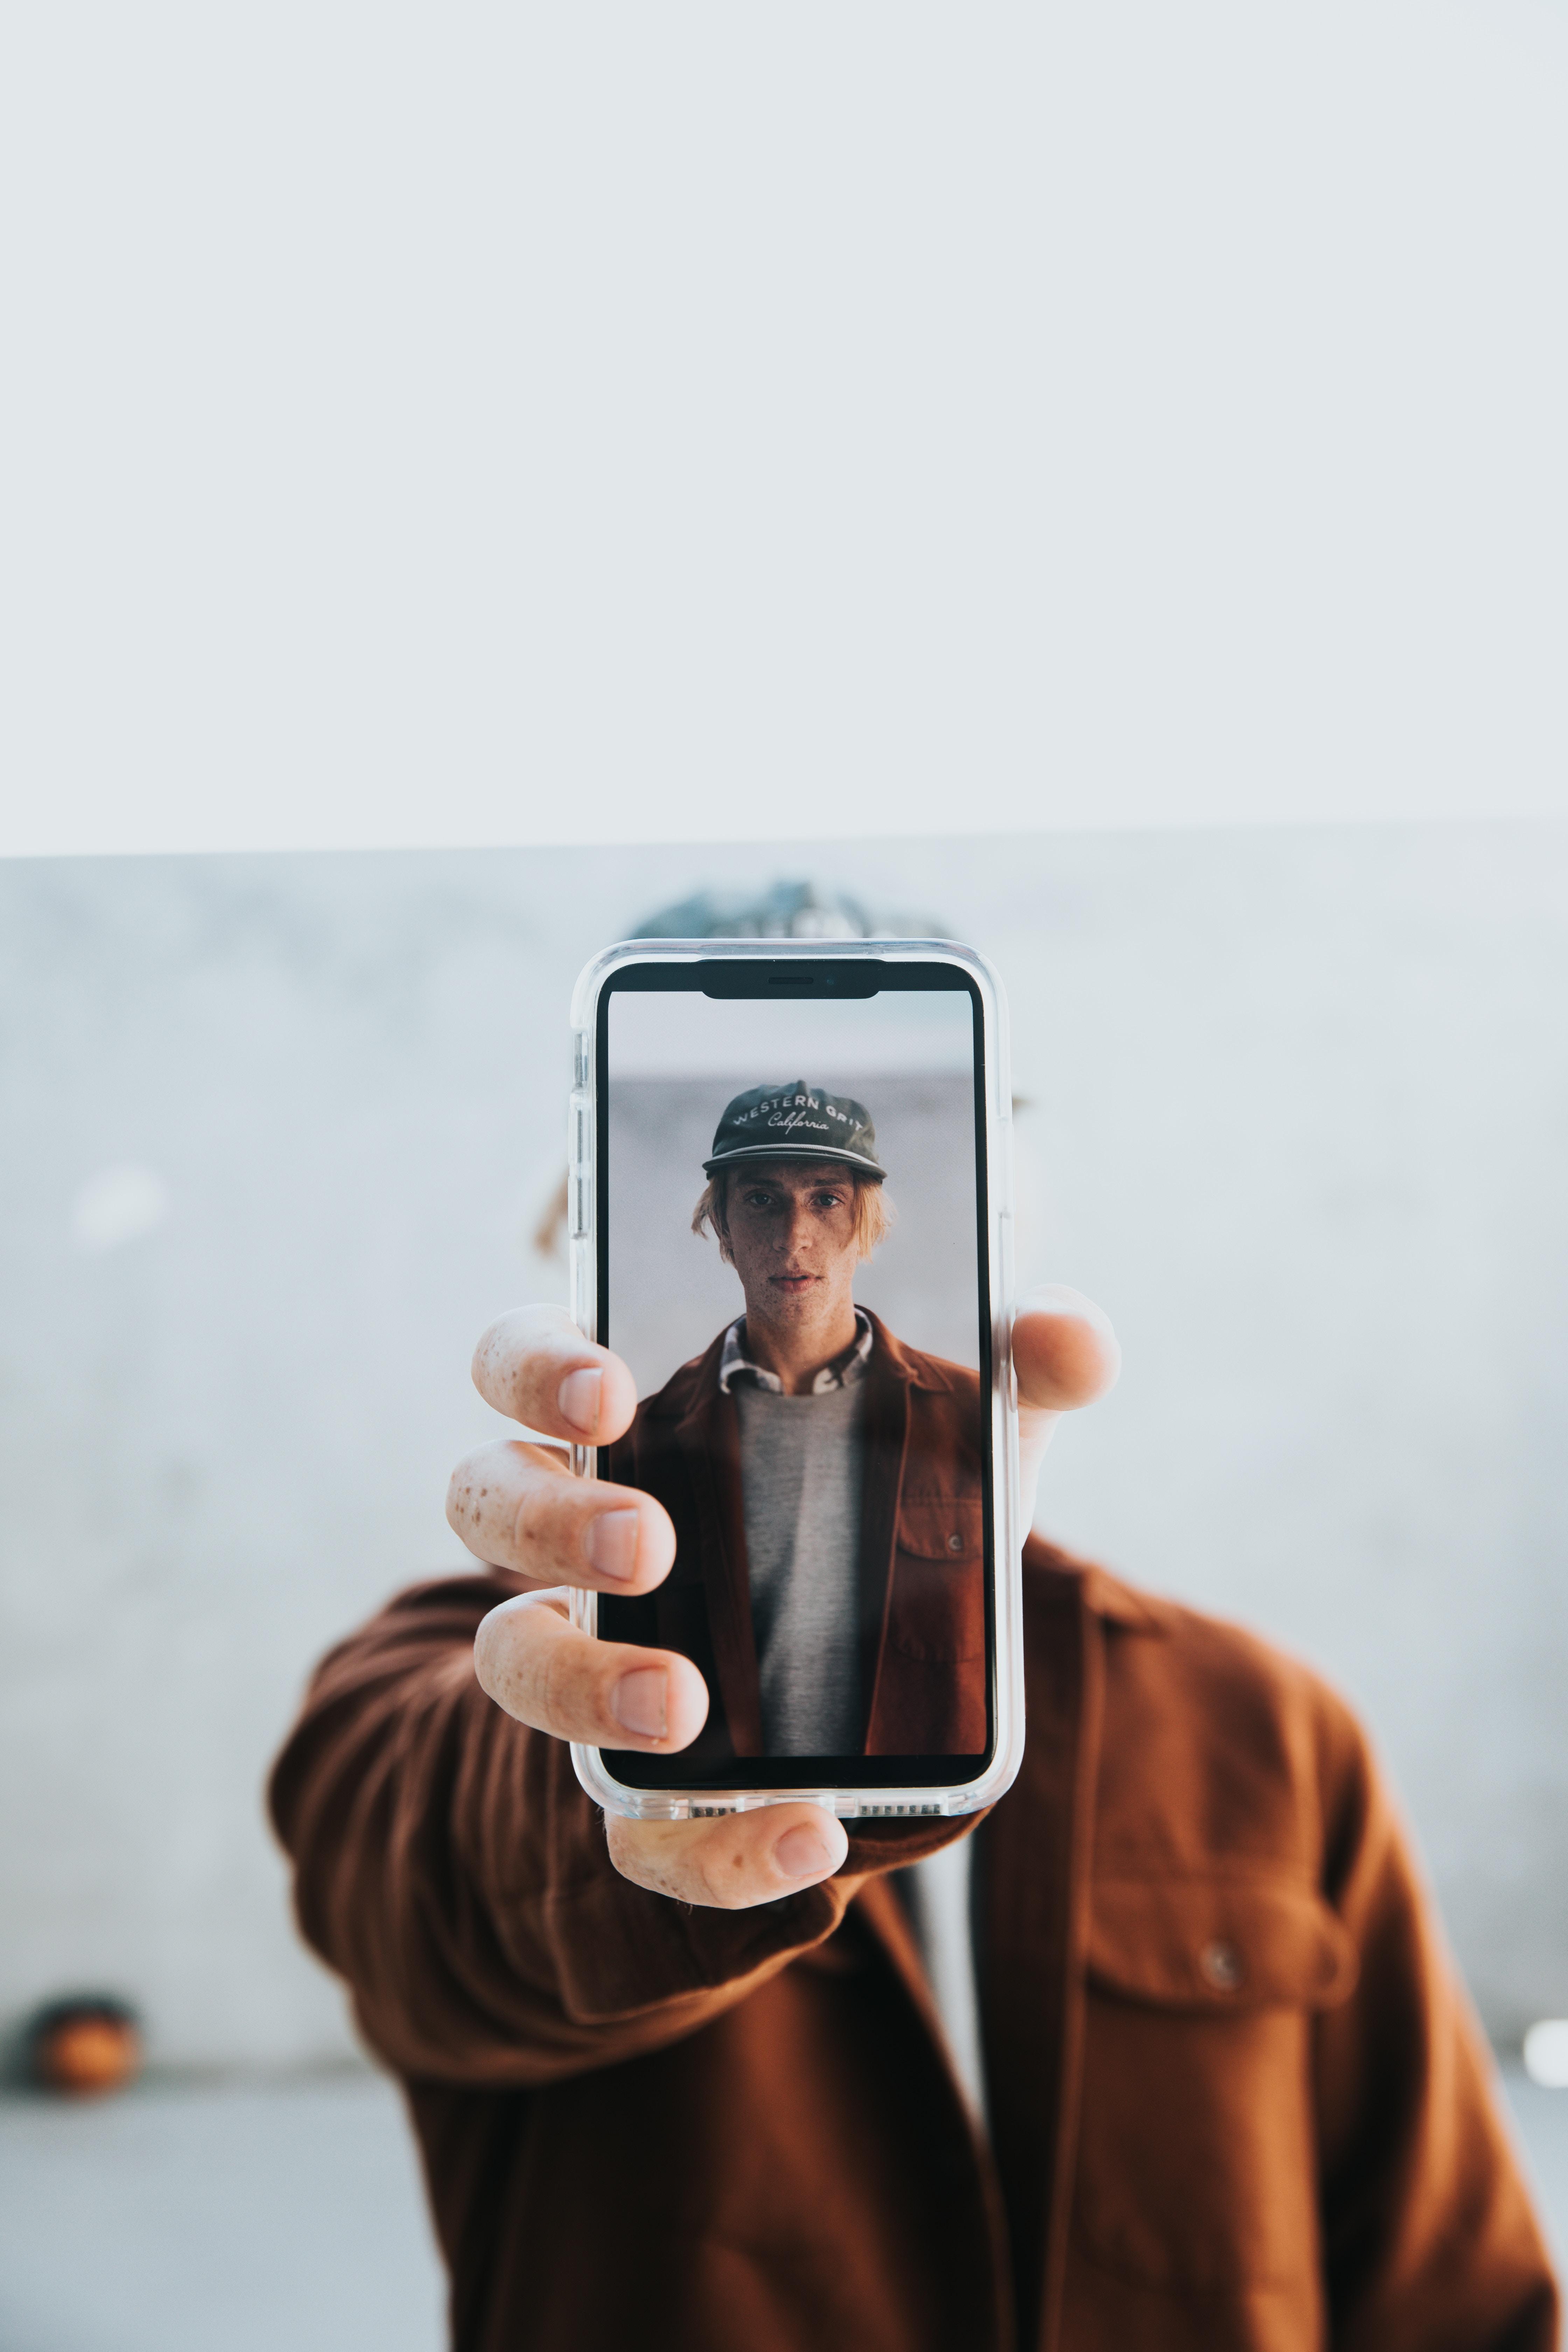 Undgå smadrede front displays og ødelagt elektronik med billige mobil covers